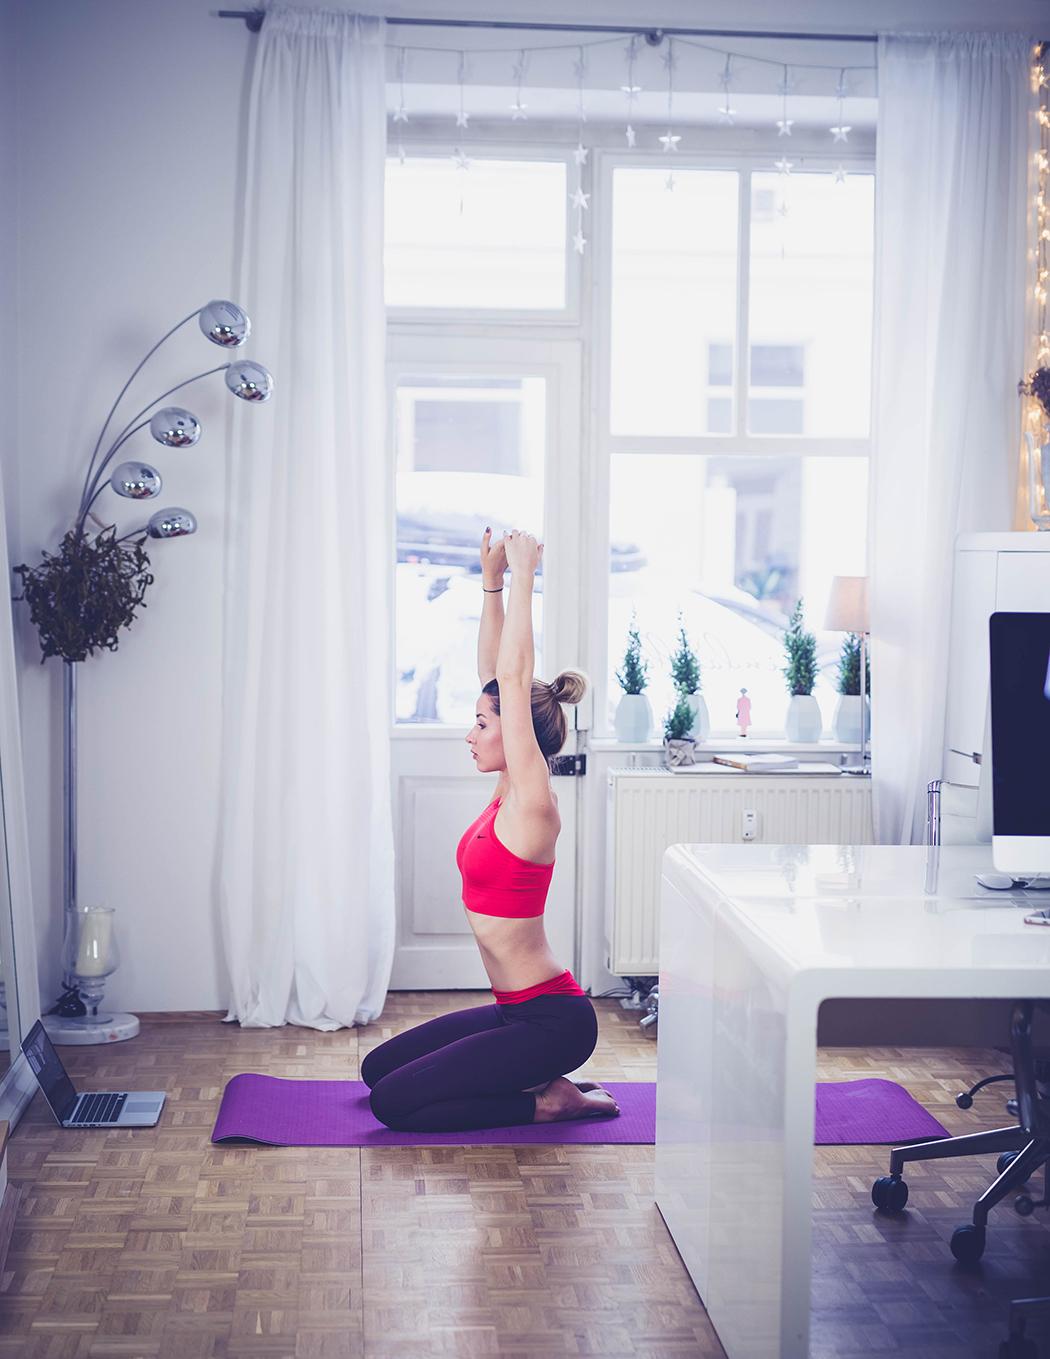 Fitnessblog-Fitnessblogger-Fitness-Blog-Blogger-Gymondo-Testbericht-Erfahrungen-Gutschein-Code-Rabatt-Lindarella-8-web